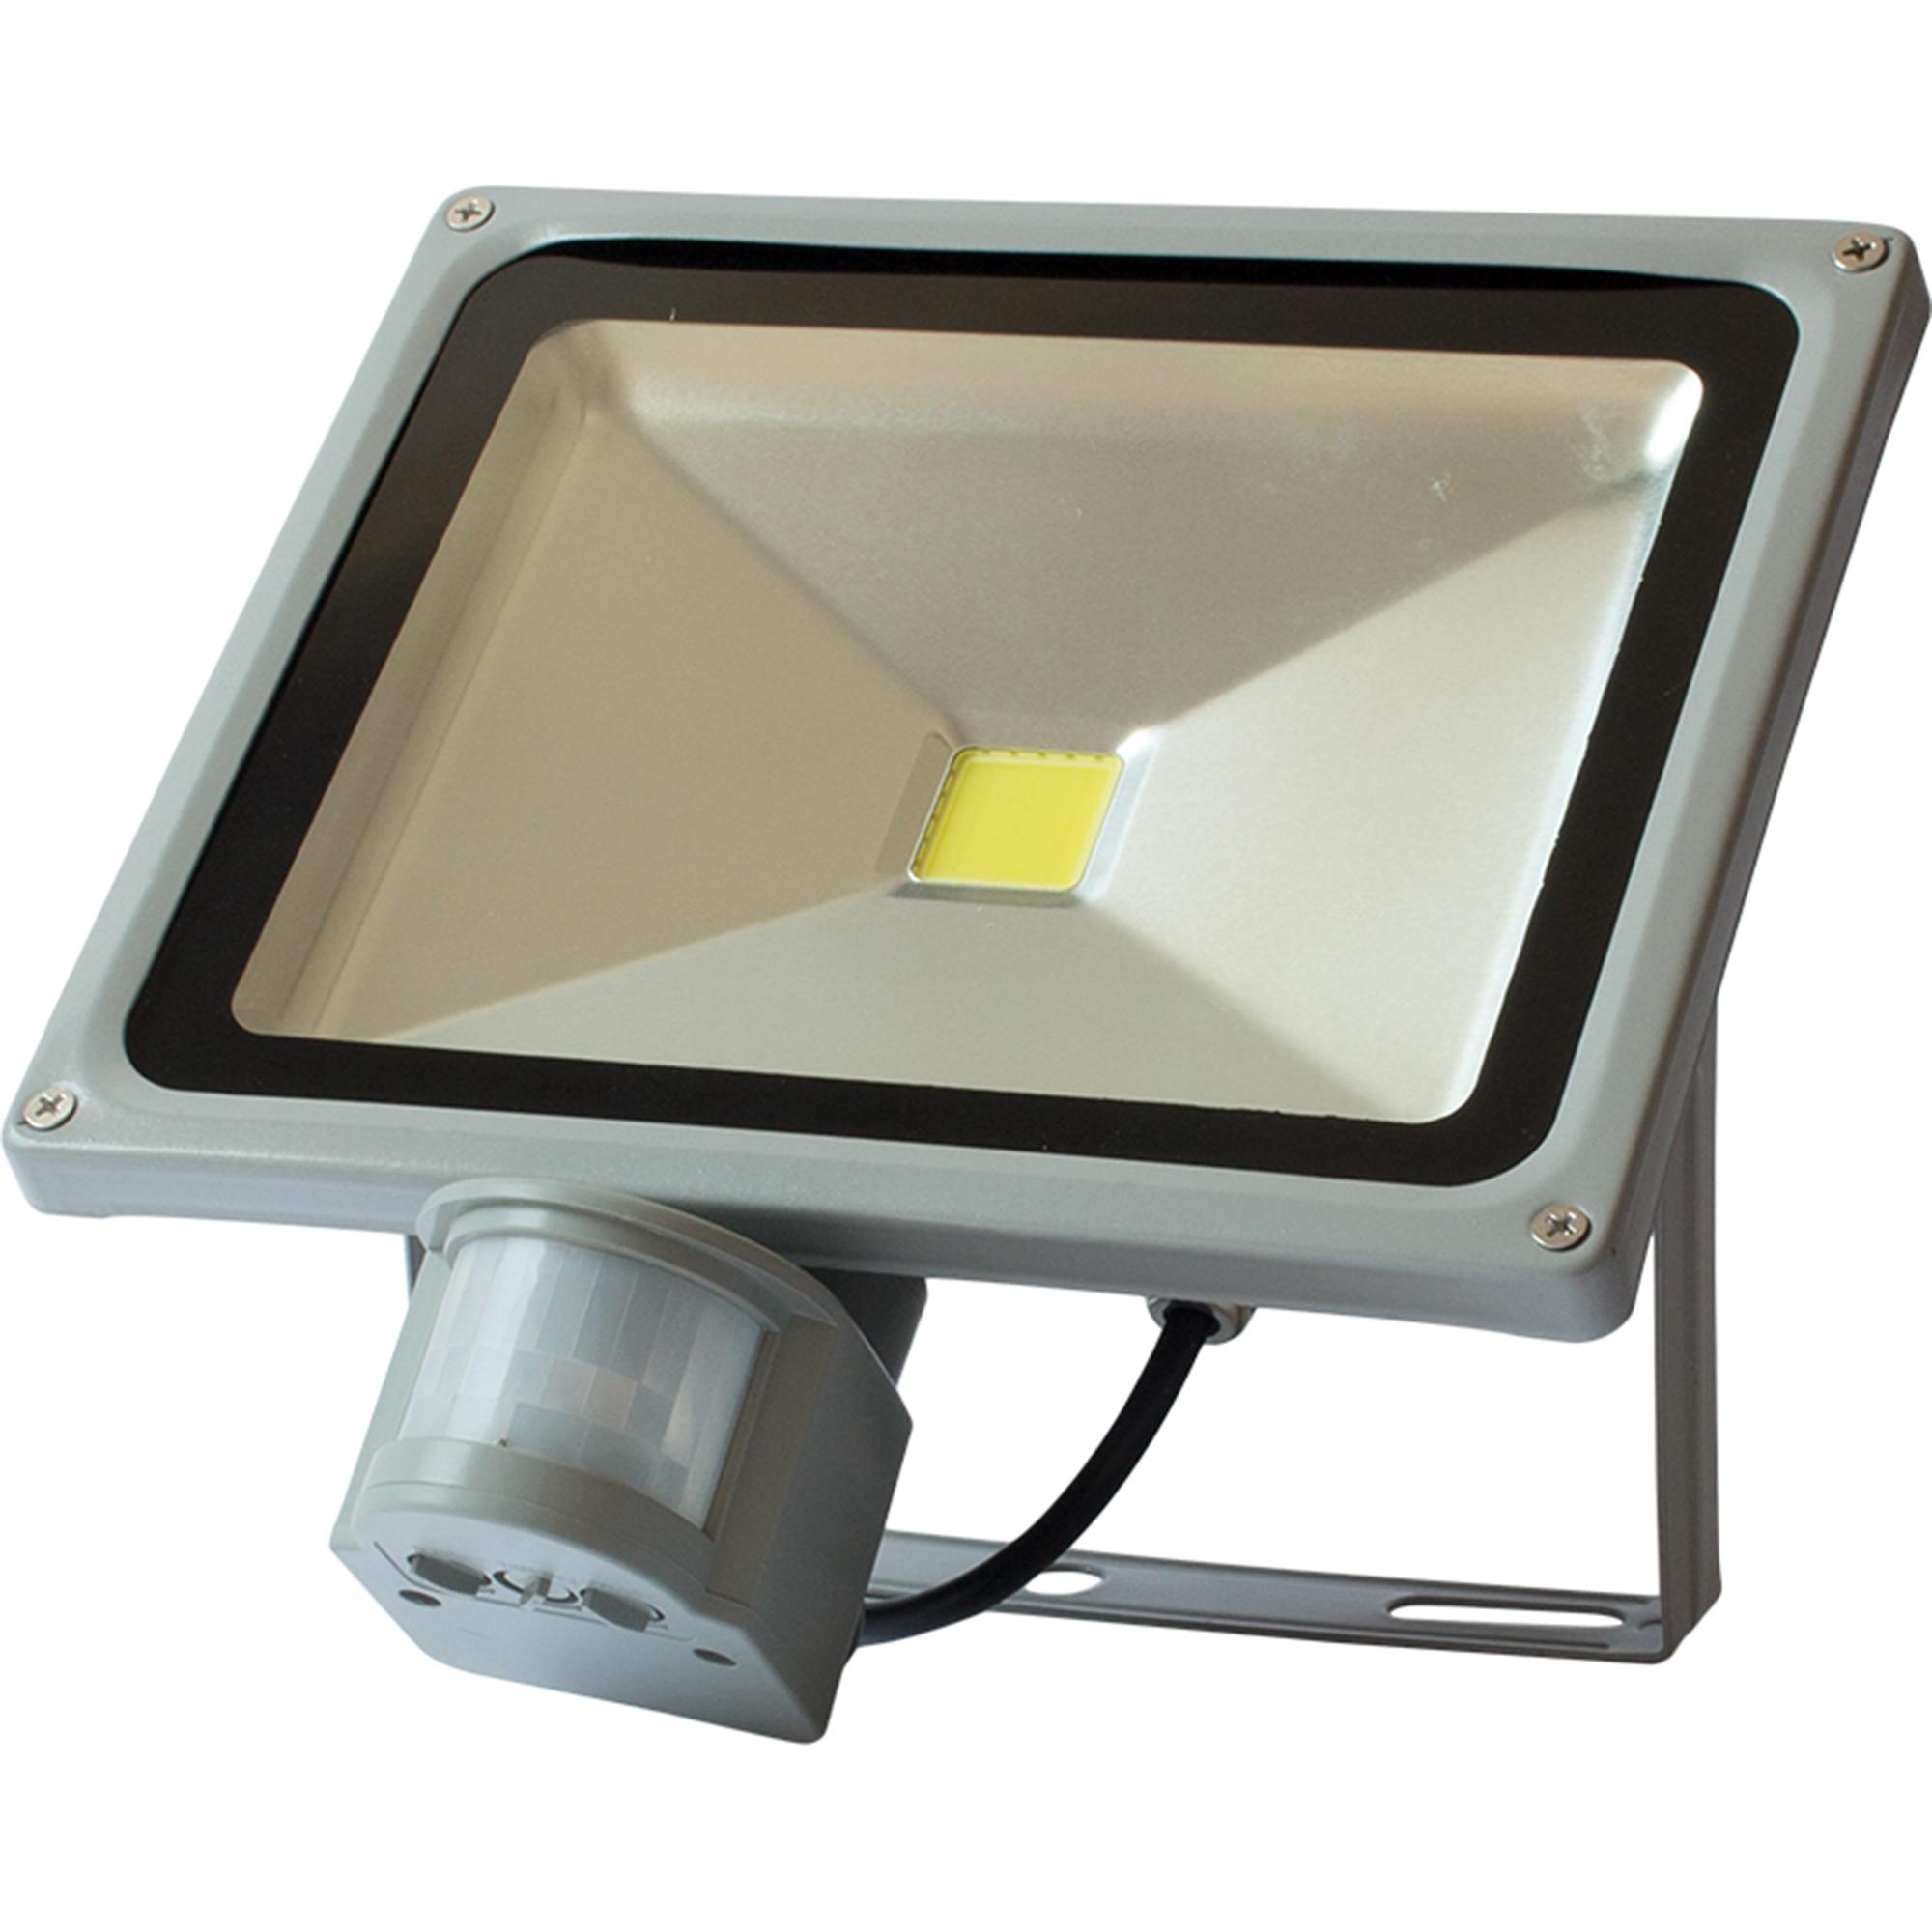 Fotografie Proiector LED Kuper, cu senzor de miscare, 30W, 2520 lm, 6500K